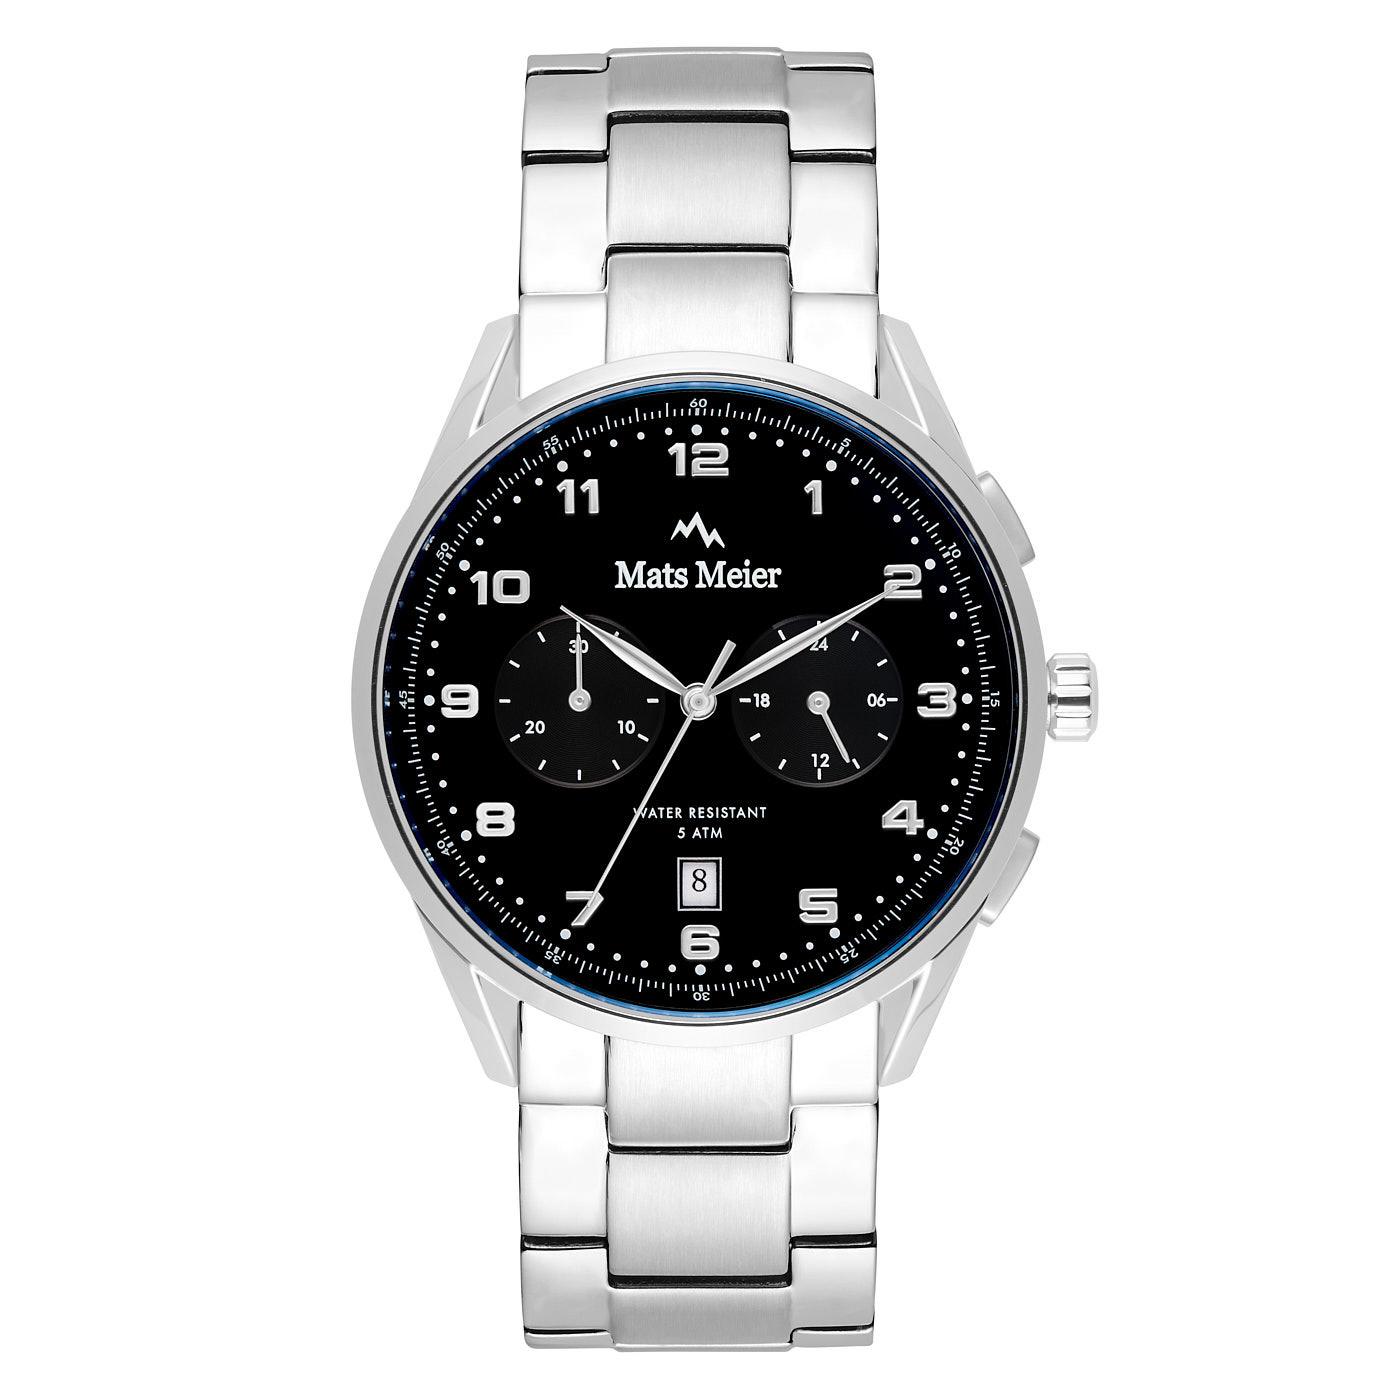 Mats Meier Mont Vélan chronograaf herenhorloge zwart / zilverkleurig